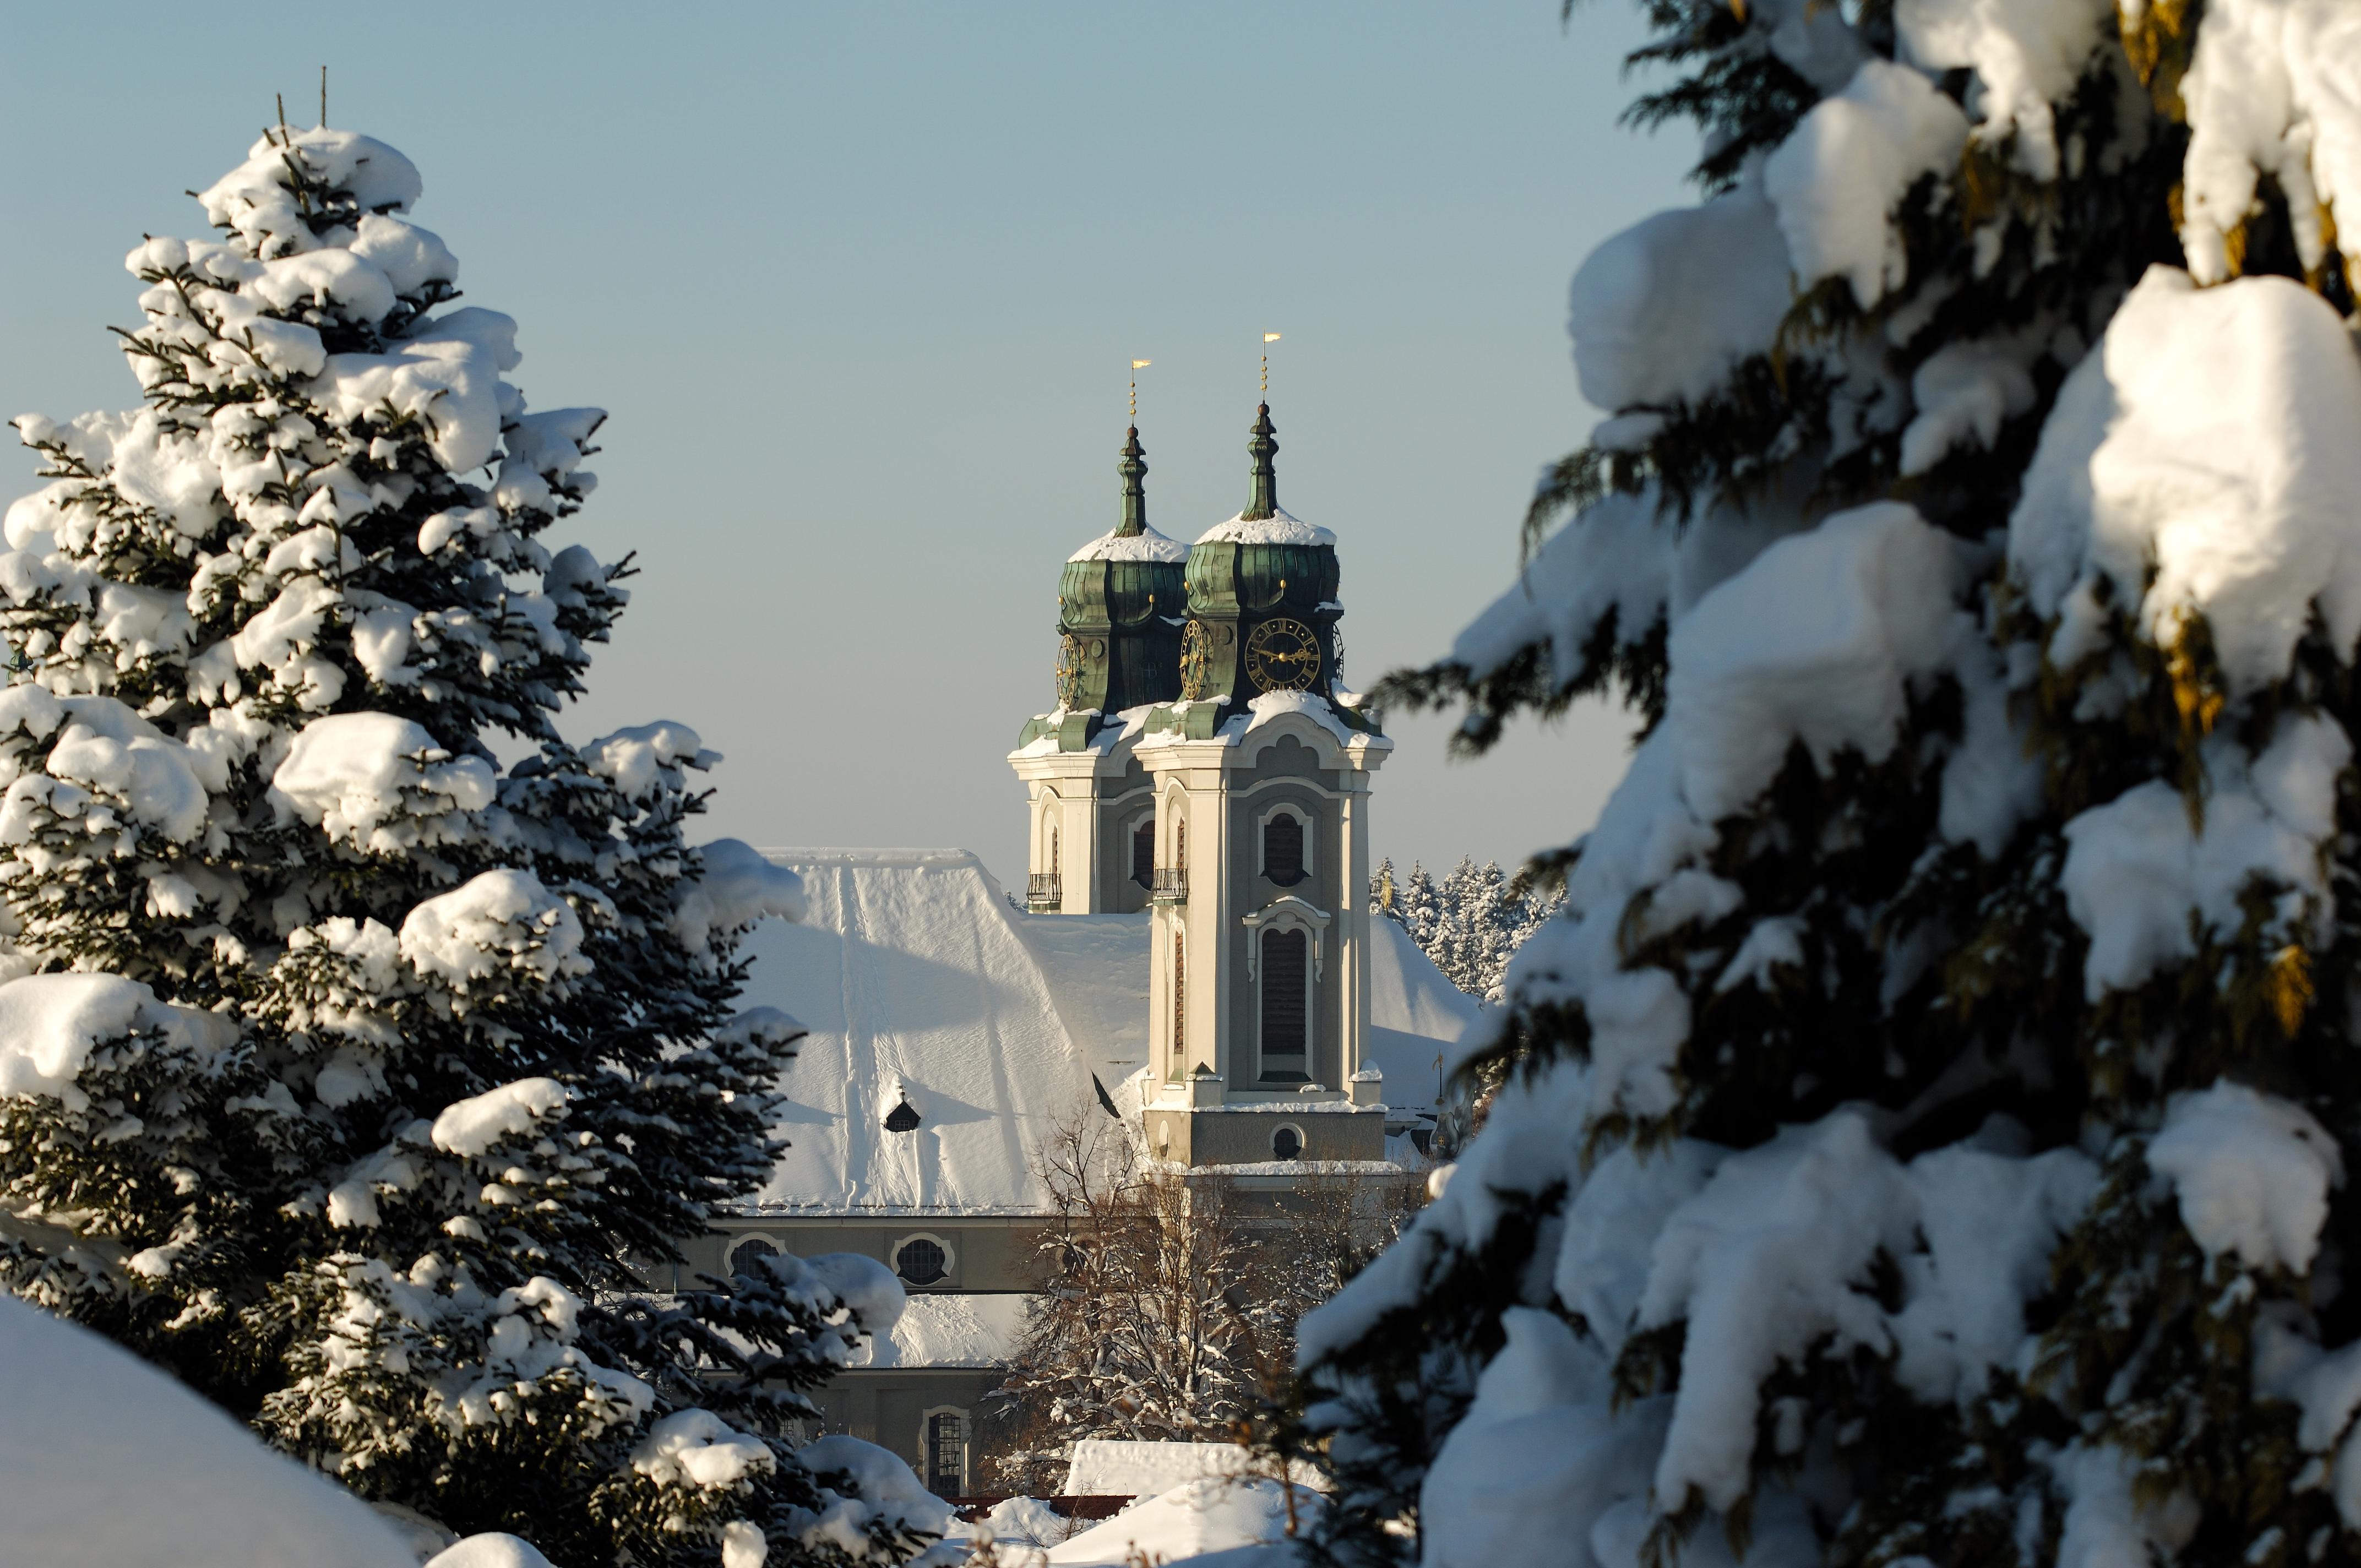 Stadtpfarrkirche im Winter